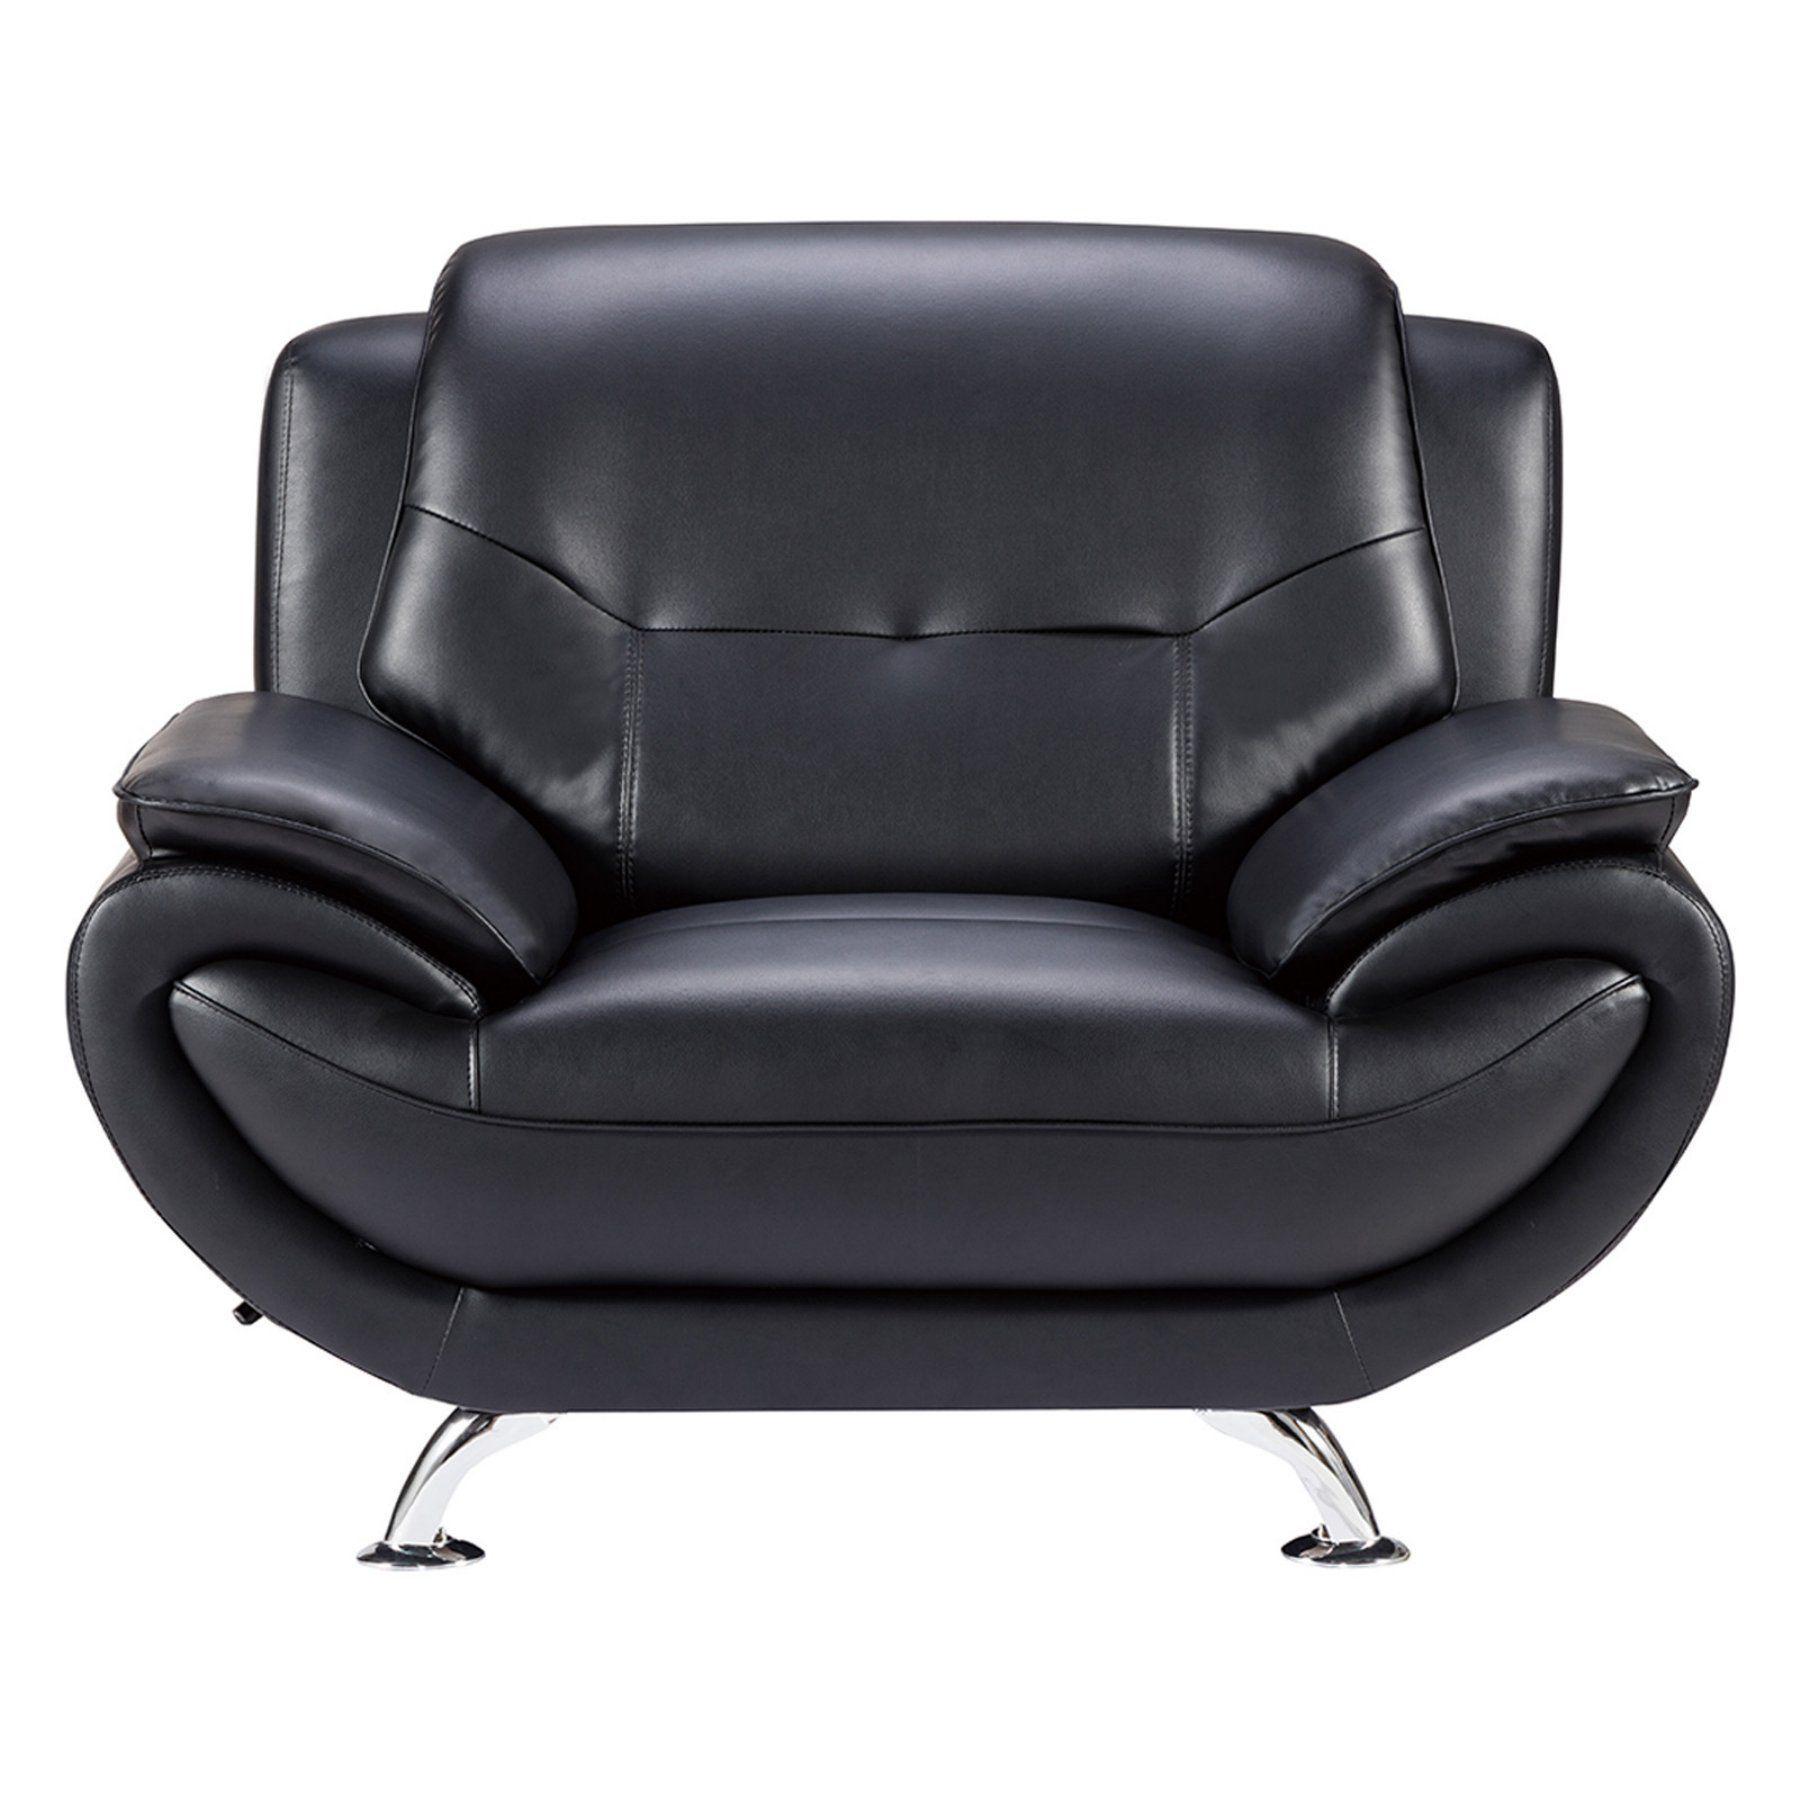 American Eagle Furniture Highland Home Sofa Chair AE208 BK CHR